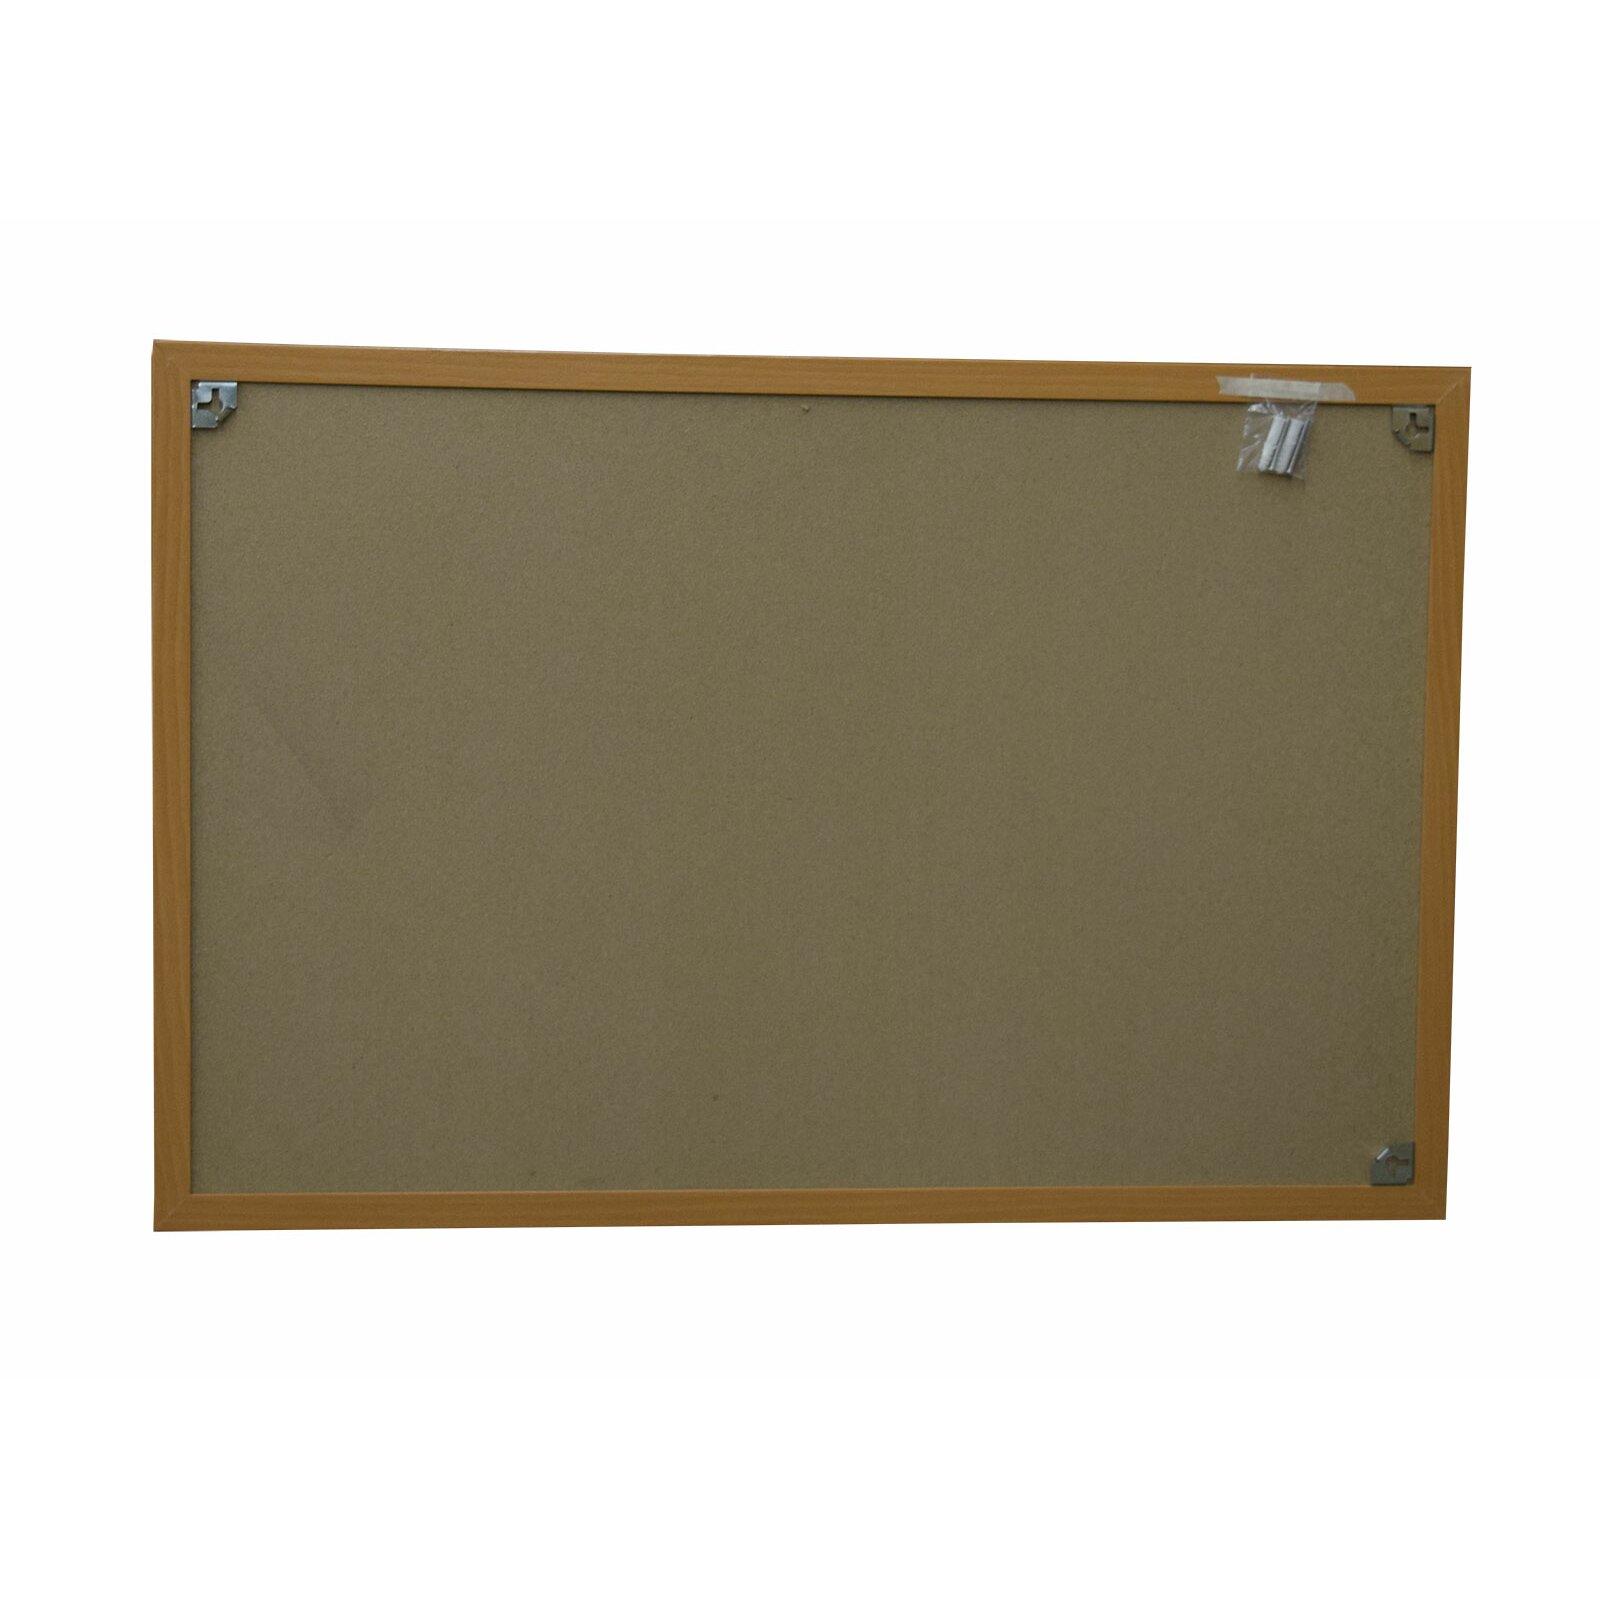 Neoplex Wood Framed Cork Wall Mounted Bulletin Board